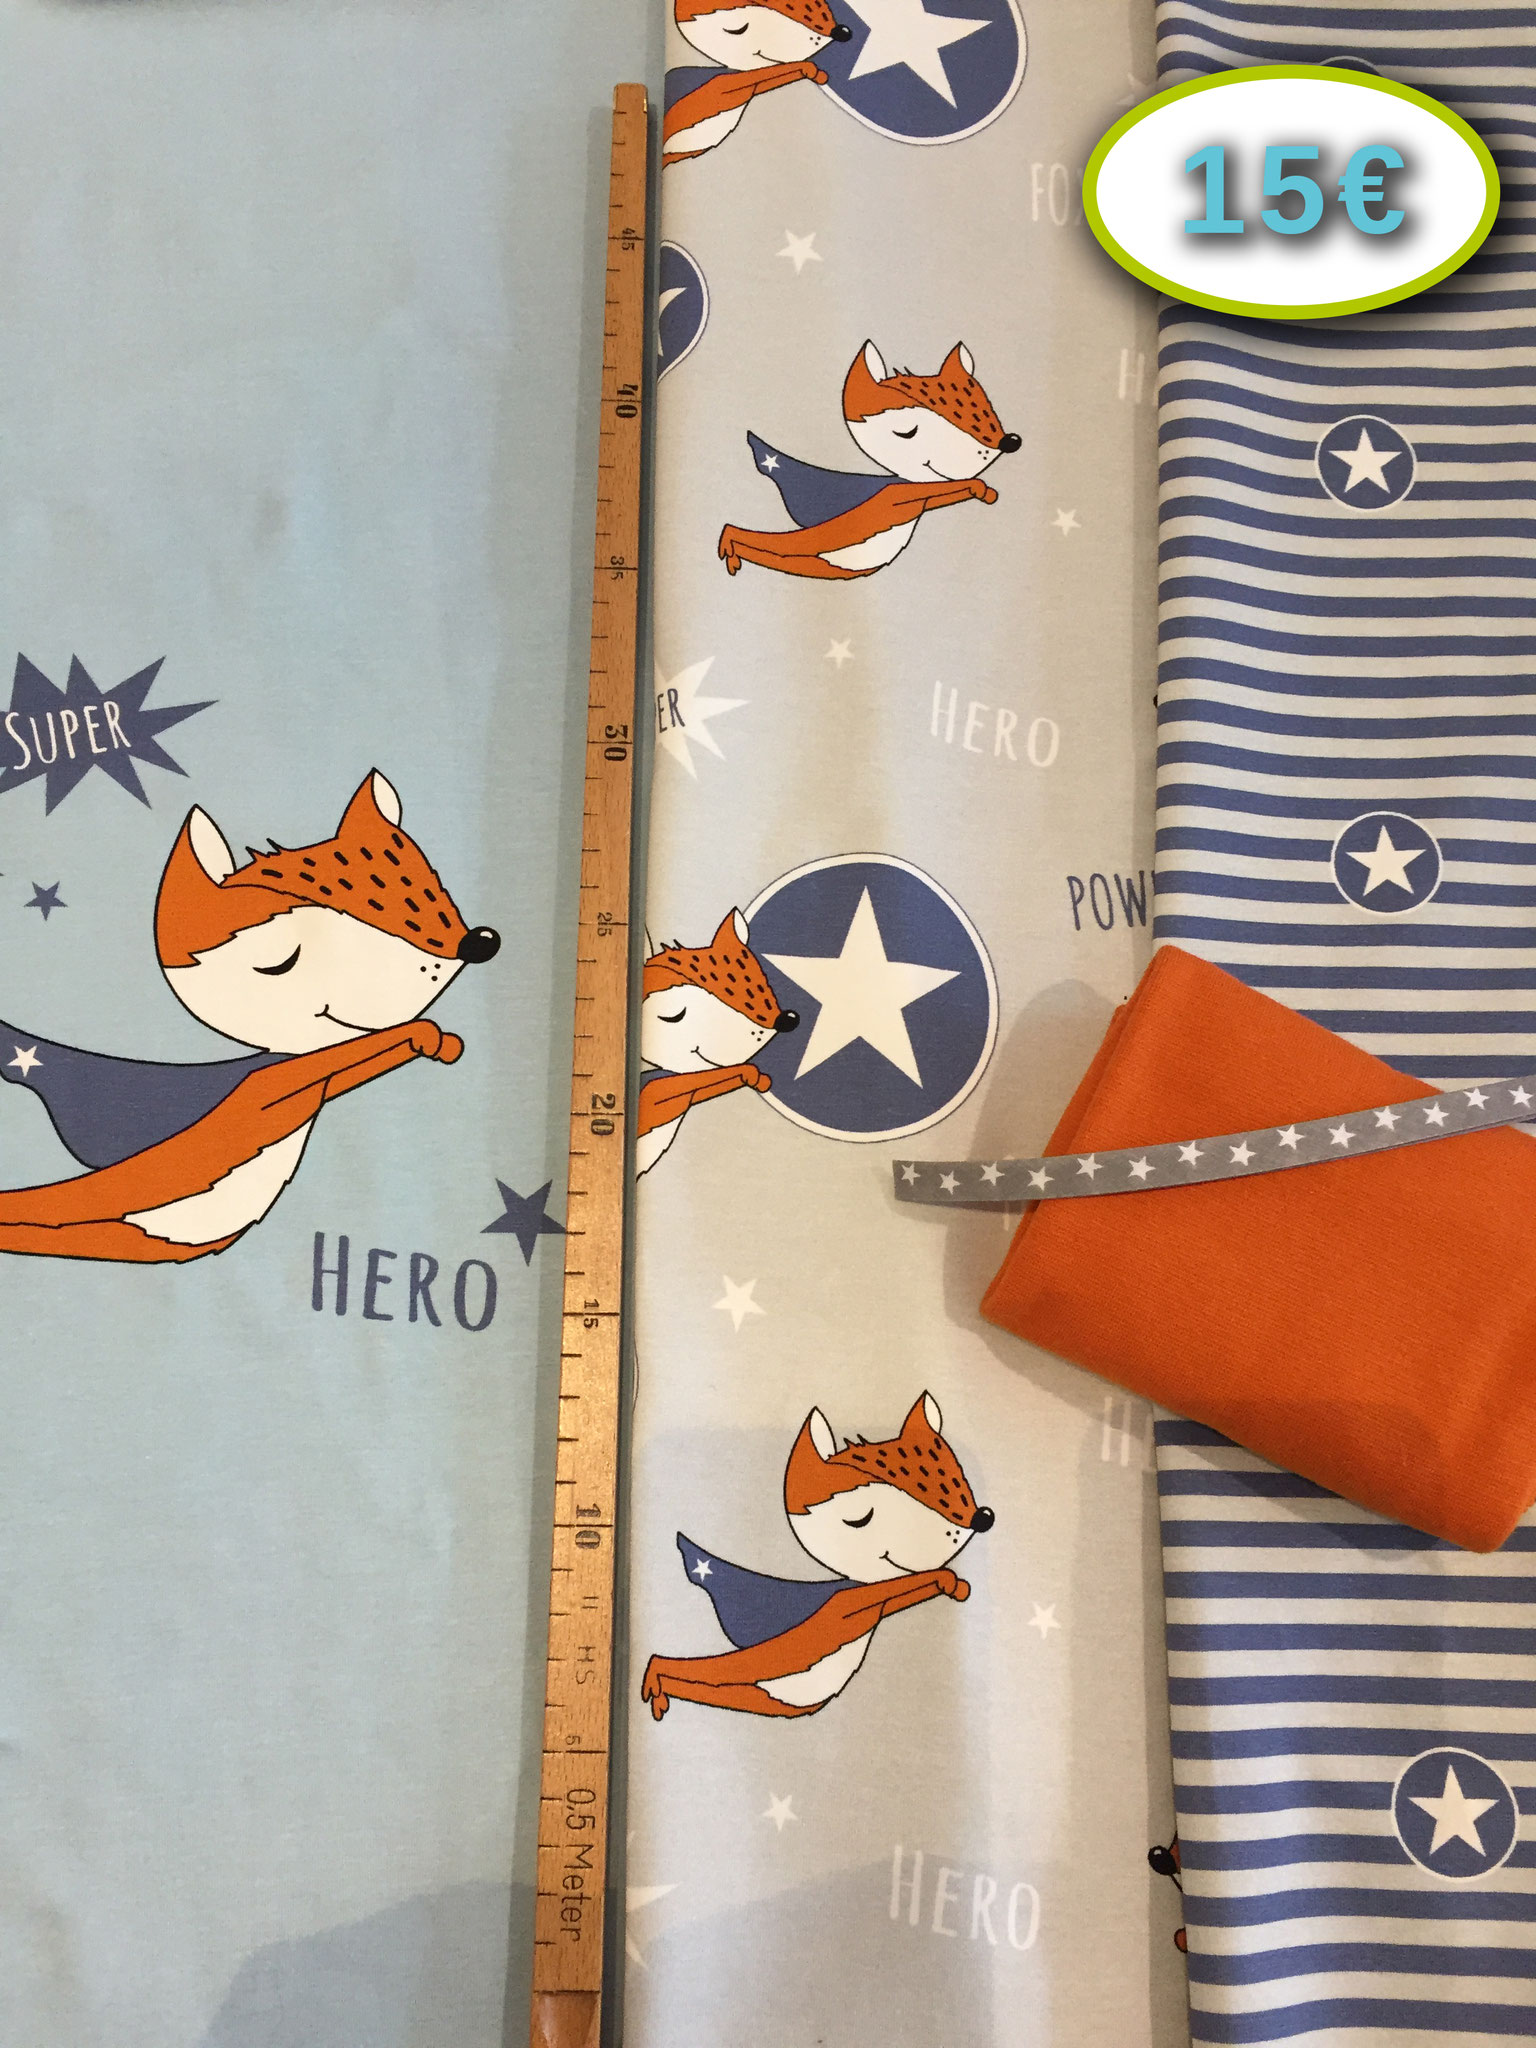 Super-Fox-Panel (3-teilig) von Hilco, ca. 55 cm x 150 cm (90%BW, 10%EL), inkl. 30 cm x 35 cm Bündchen im Schlauch von Lillestoff, Stückchen Sternenschrägband